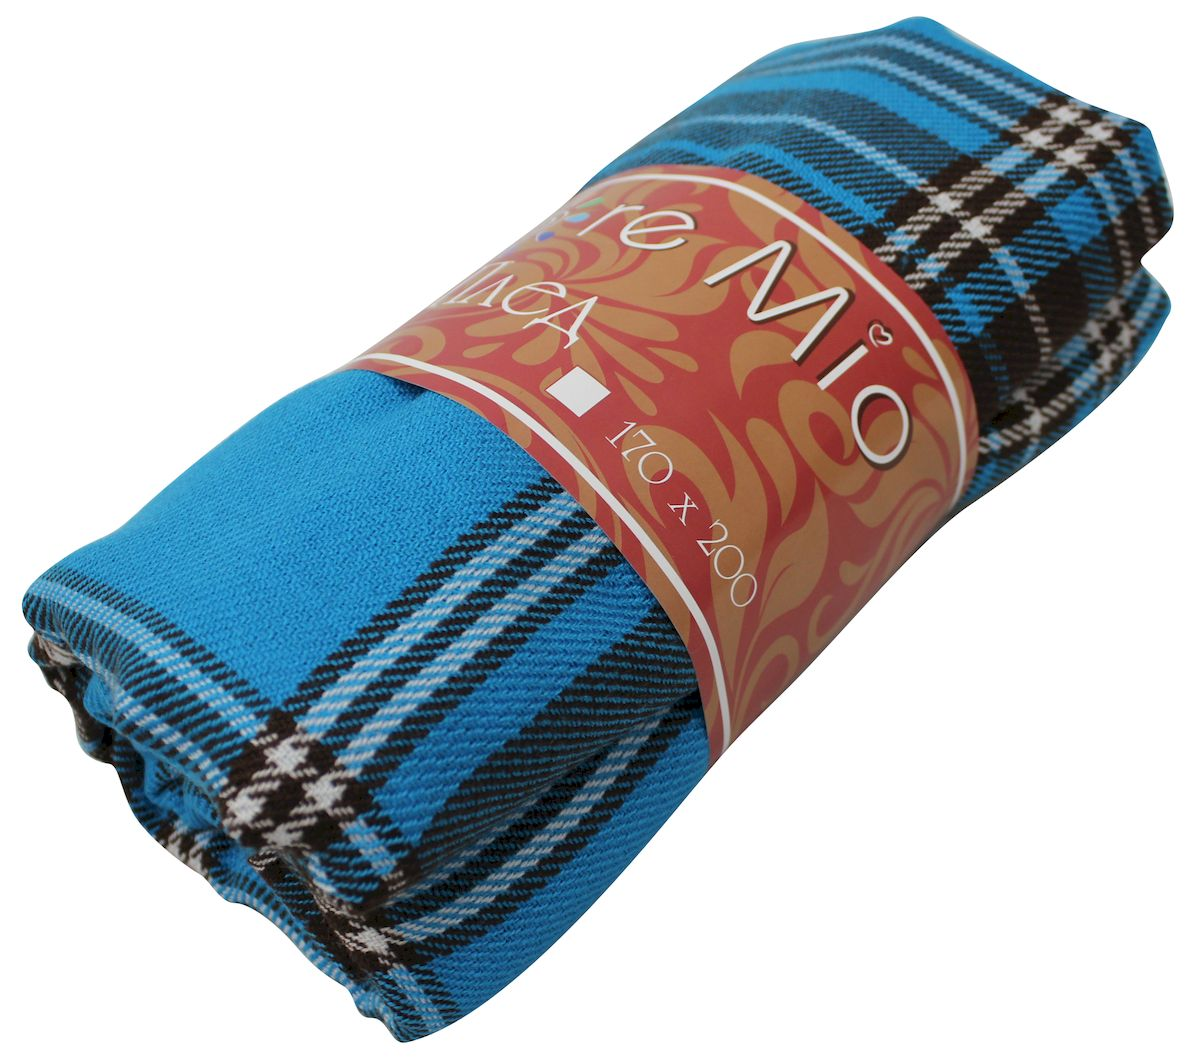 Плед Amore Mio Azure, 150 х 200 смES-412Мягкий, теплый и уютный плед с кистями Amore Mio изготовлен из 100% акрила. Не зря в народе за акрилом закрепилось имя искусственной шерсти. Акриловое волокно великолепно удерживает тепло, оно практично и долговечно. Еще одно преимущество - в цене, так как по факту акрил значительно дешевле натуральной шерсти.